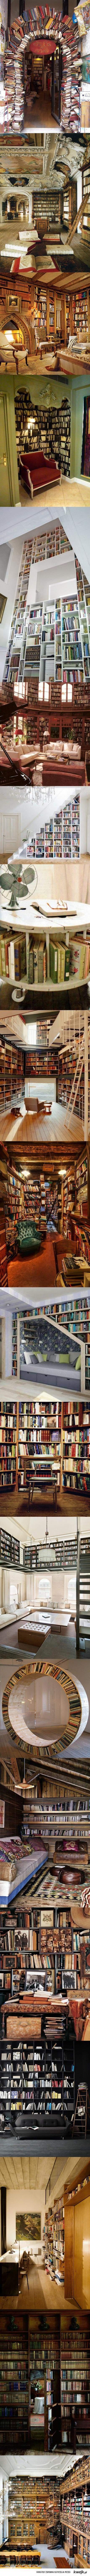 Geek / libraries...